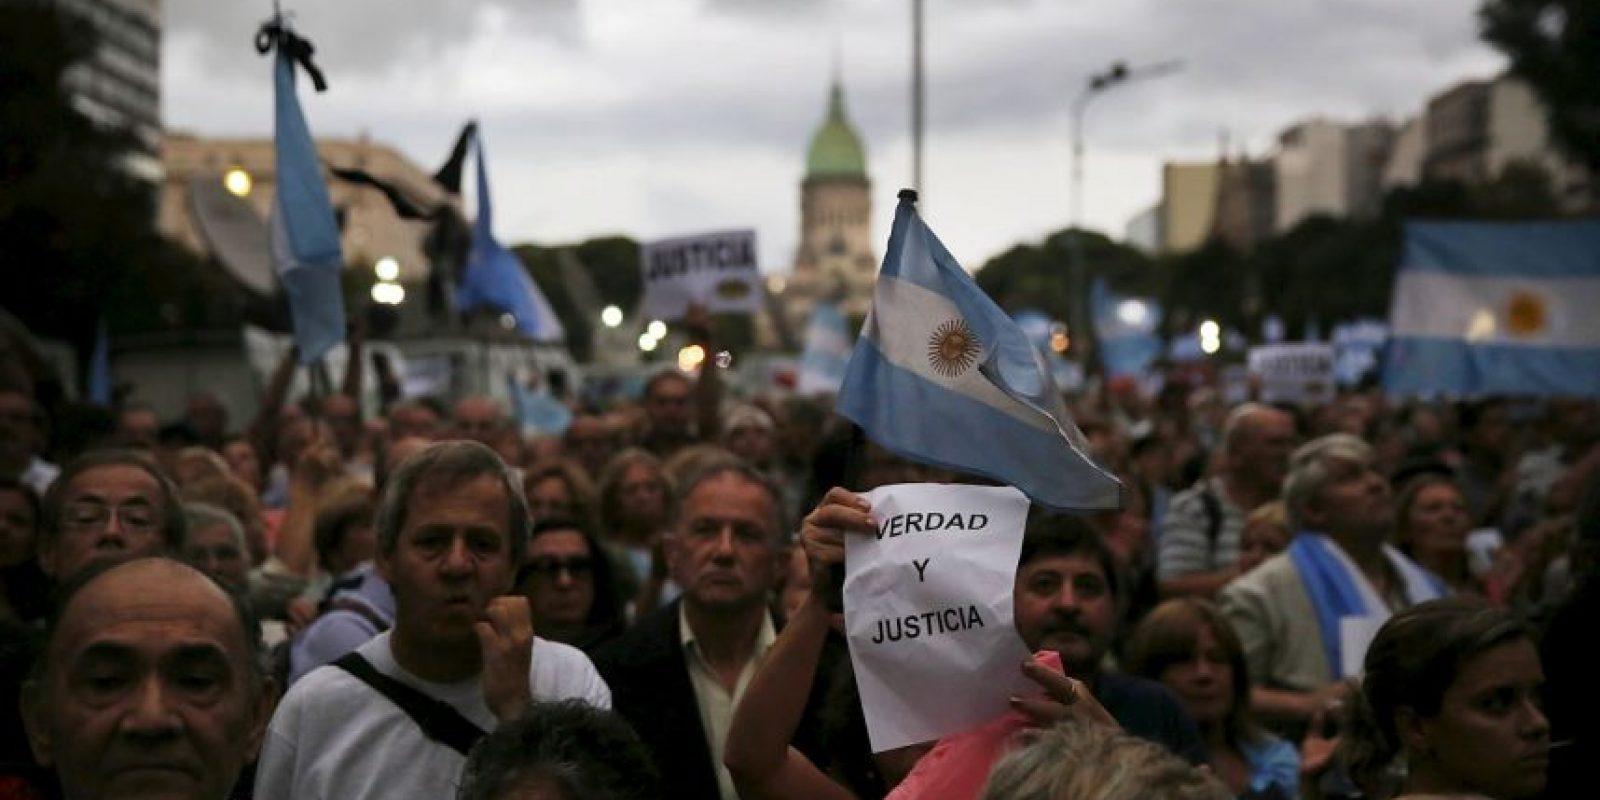 El cuerpo de Nisman fue hallado horas antes de su comparecencia ante el Congreso, en el cual iba a detallar sus acusaciones. Foto:Getty Images